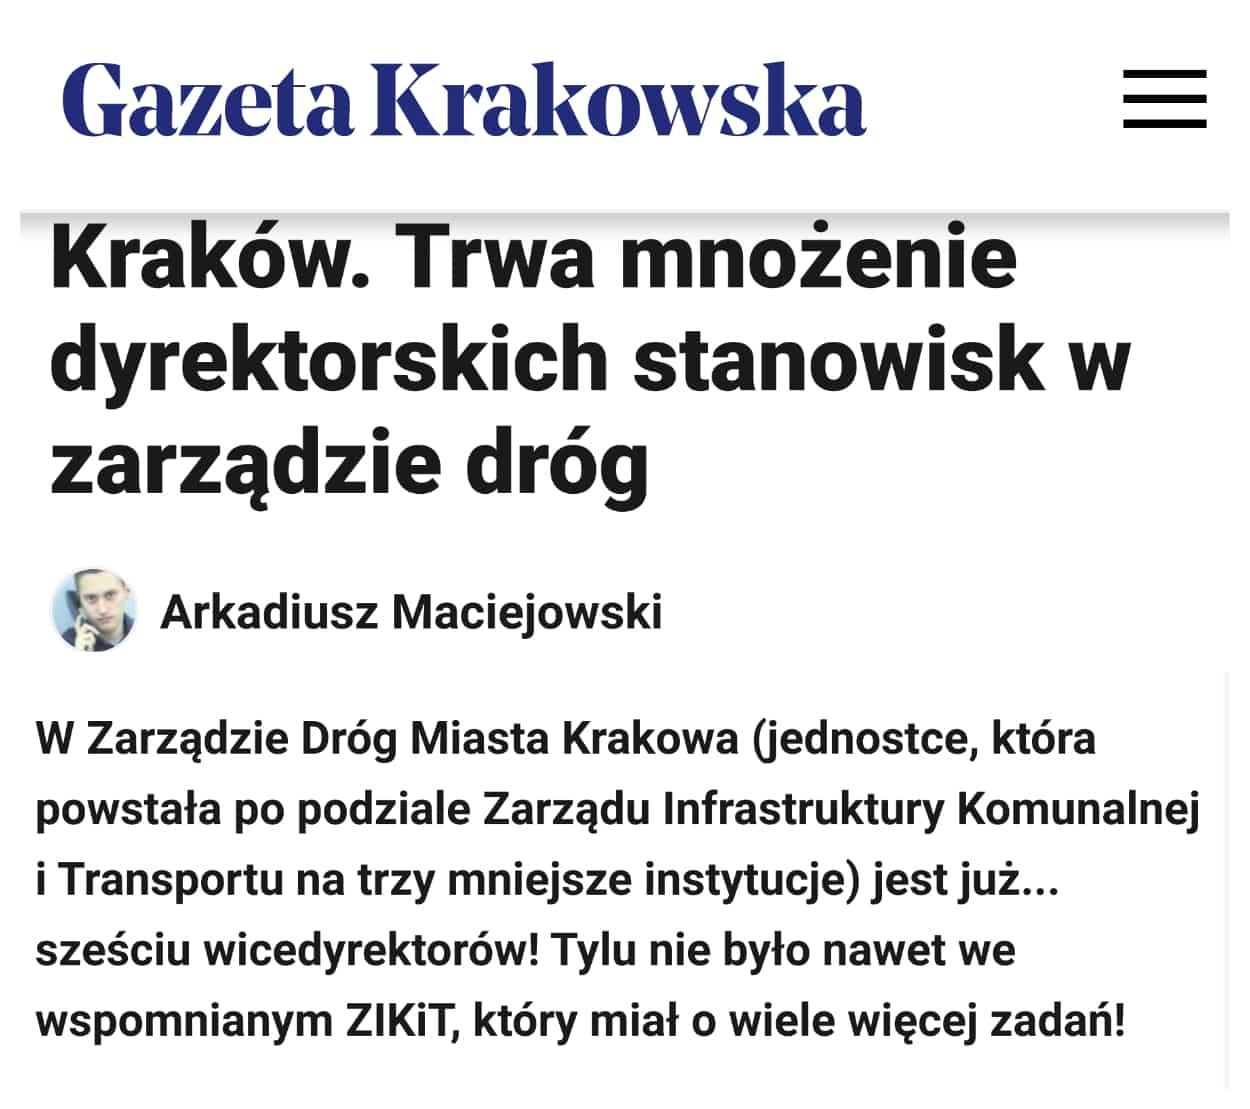 W marcu Zarząd Dróg Miasta Krakowa zatrudniał sześciu wicedyrektorów.